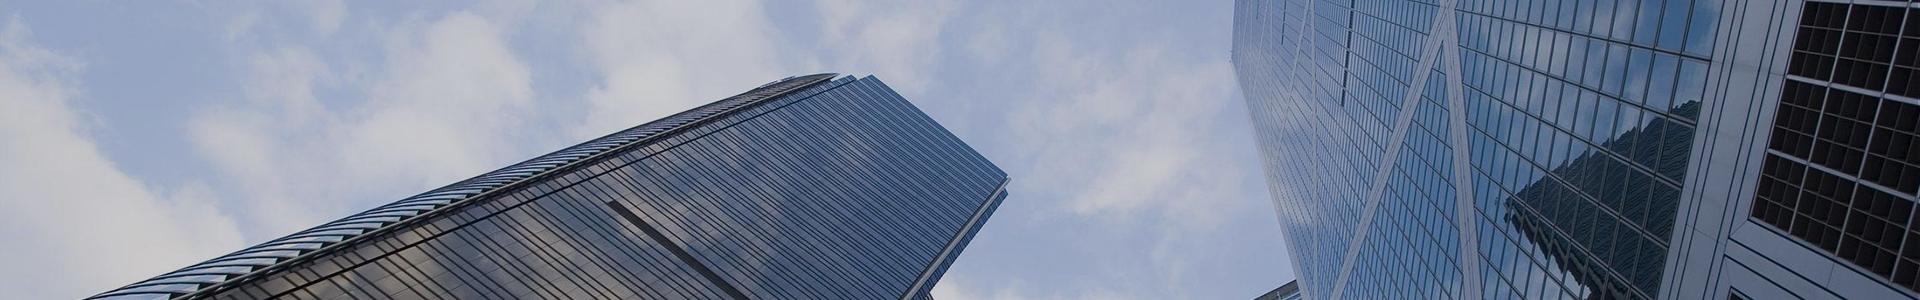 公寓5G物联网解决方案成功案例